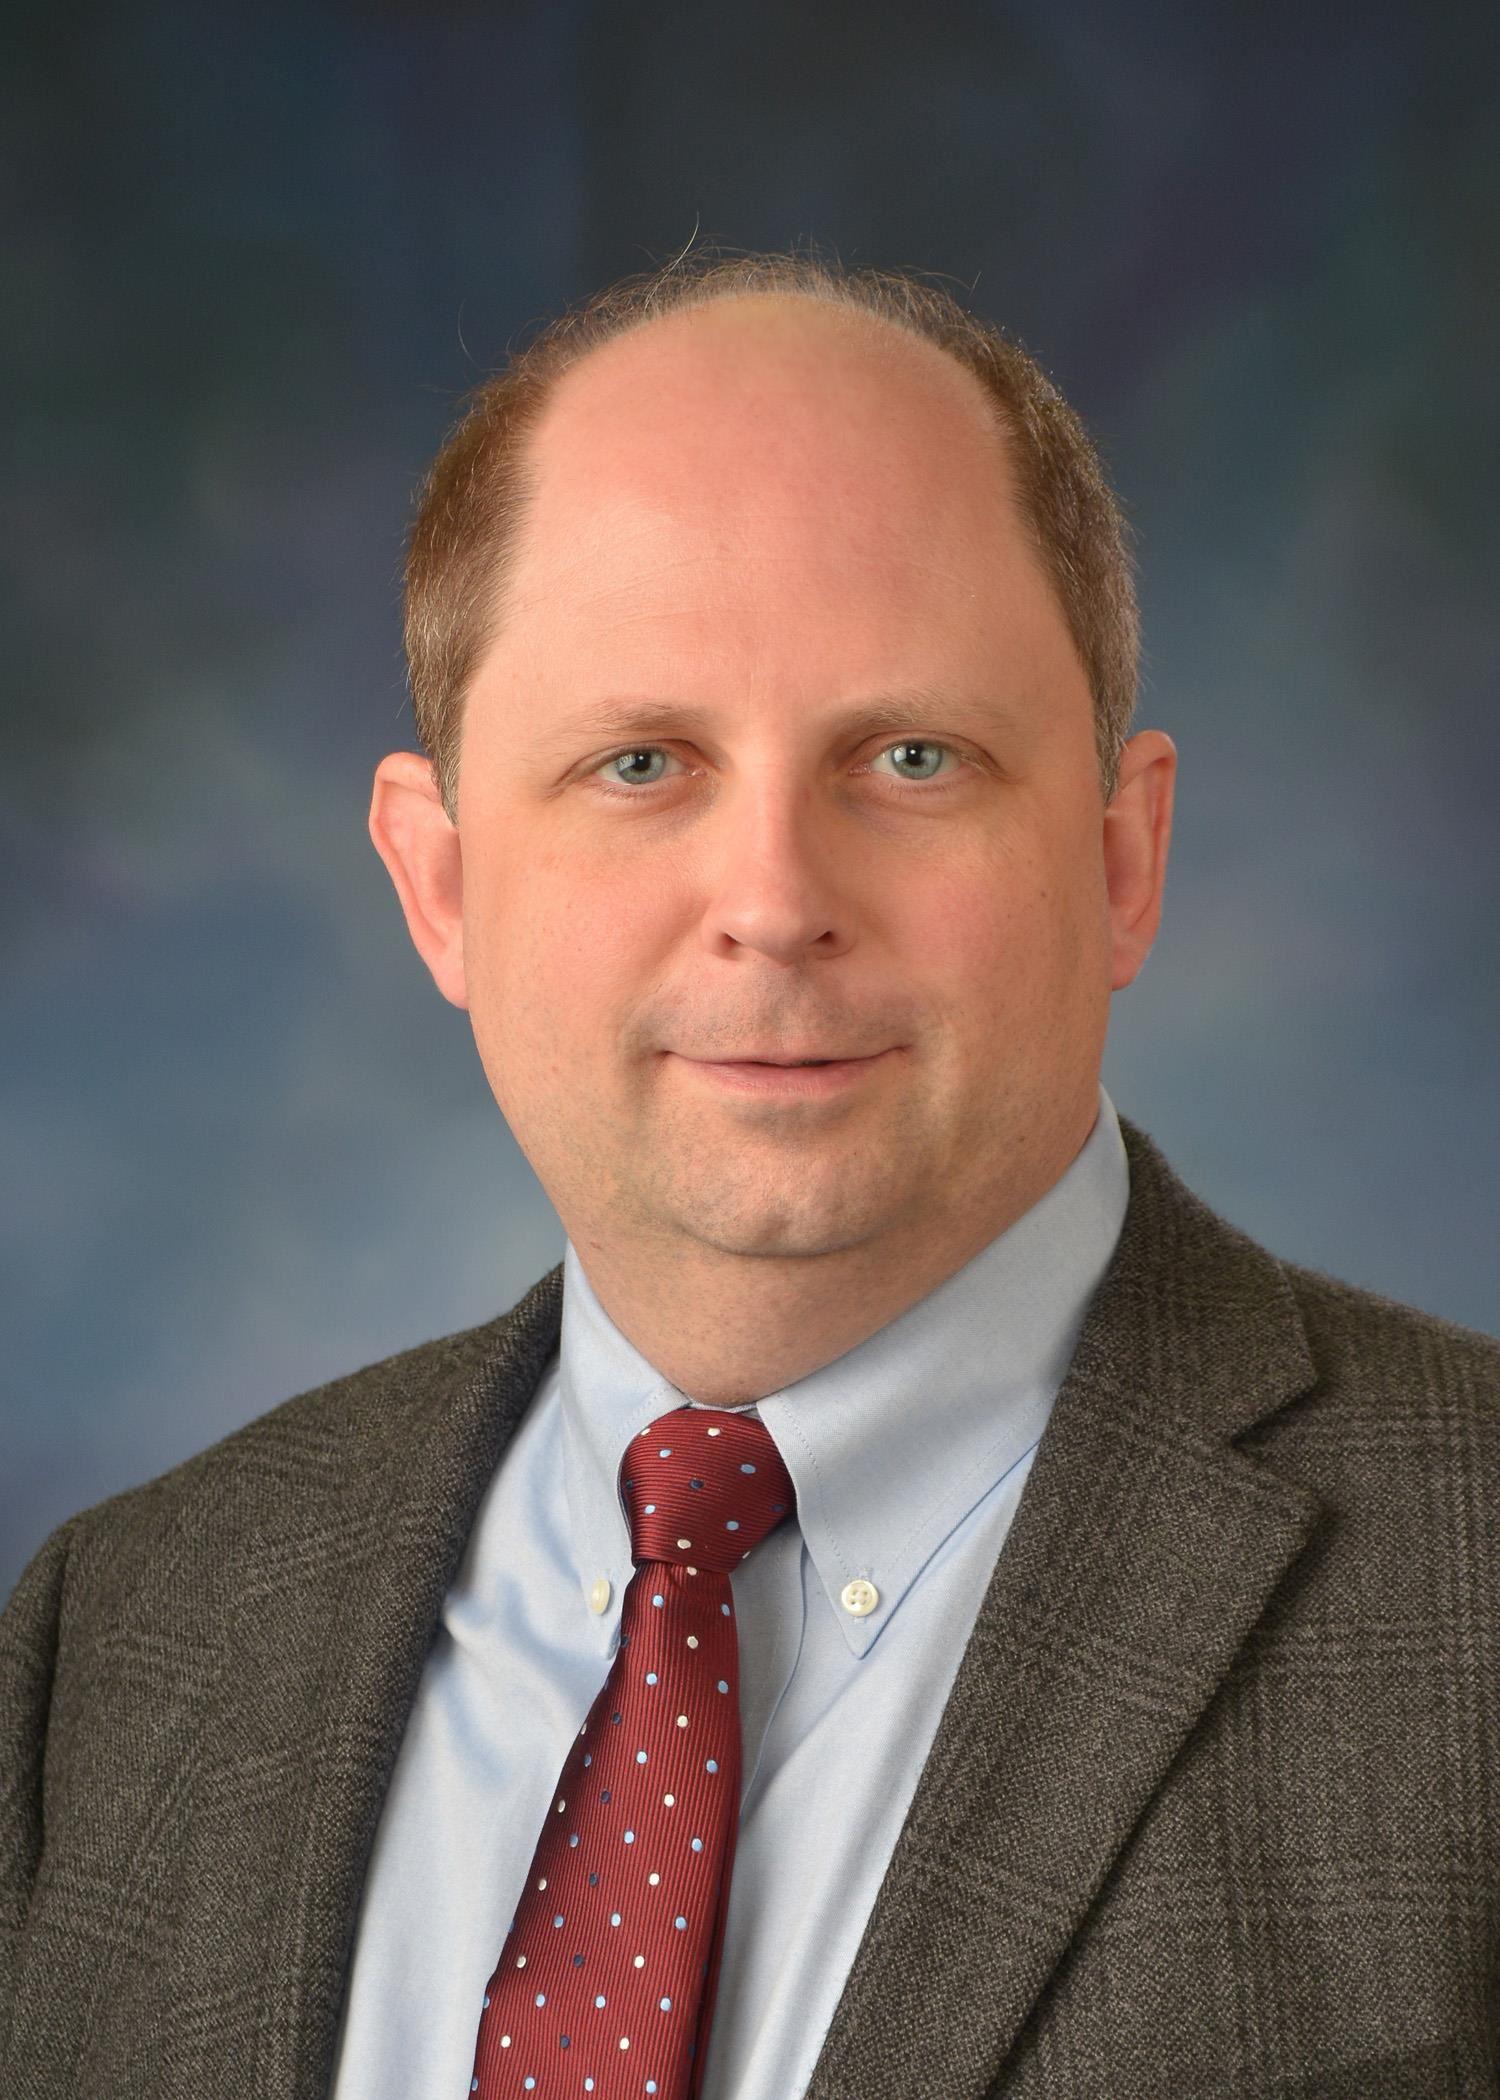 Dr. Matthew Reames